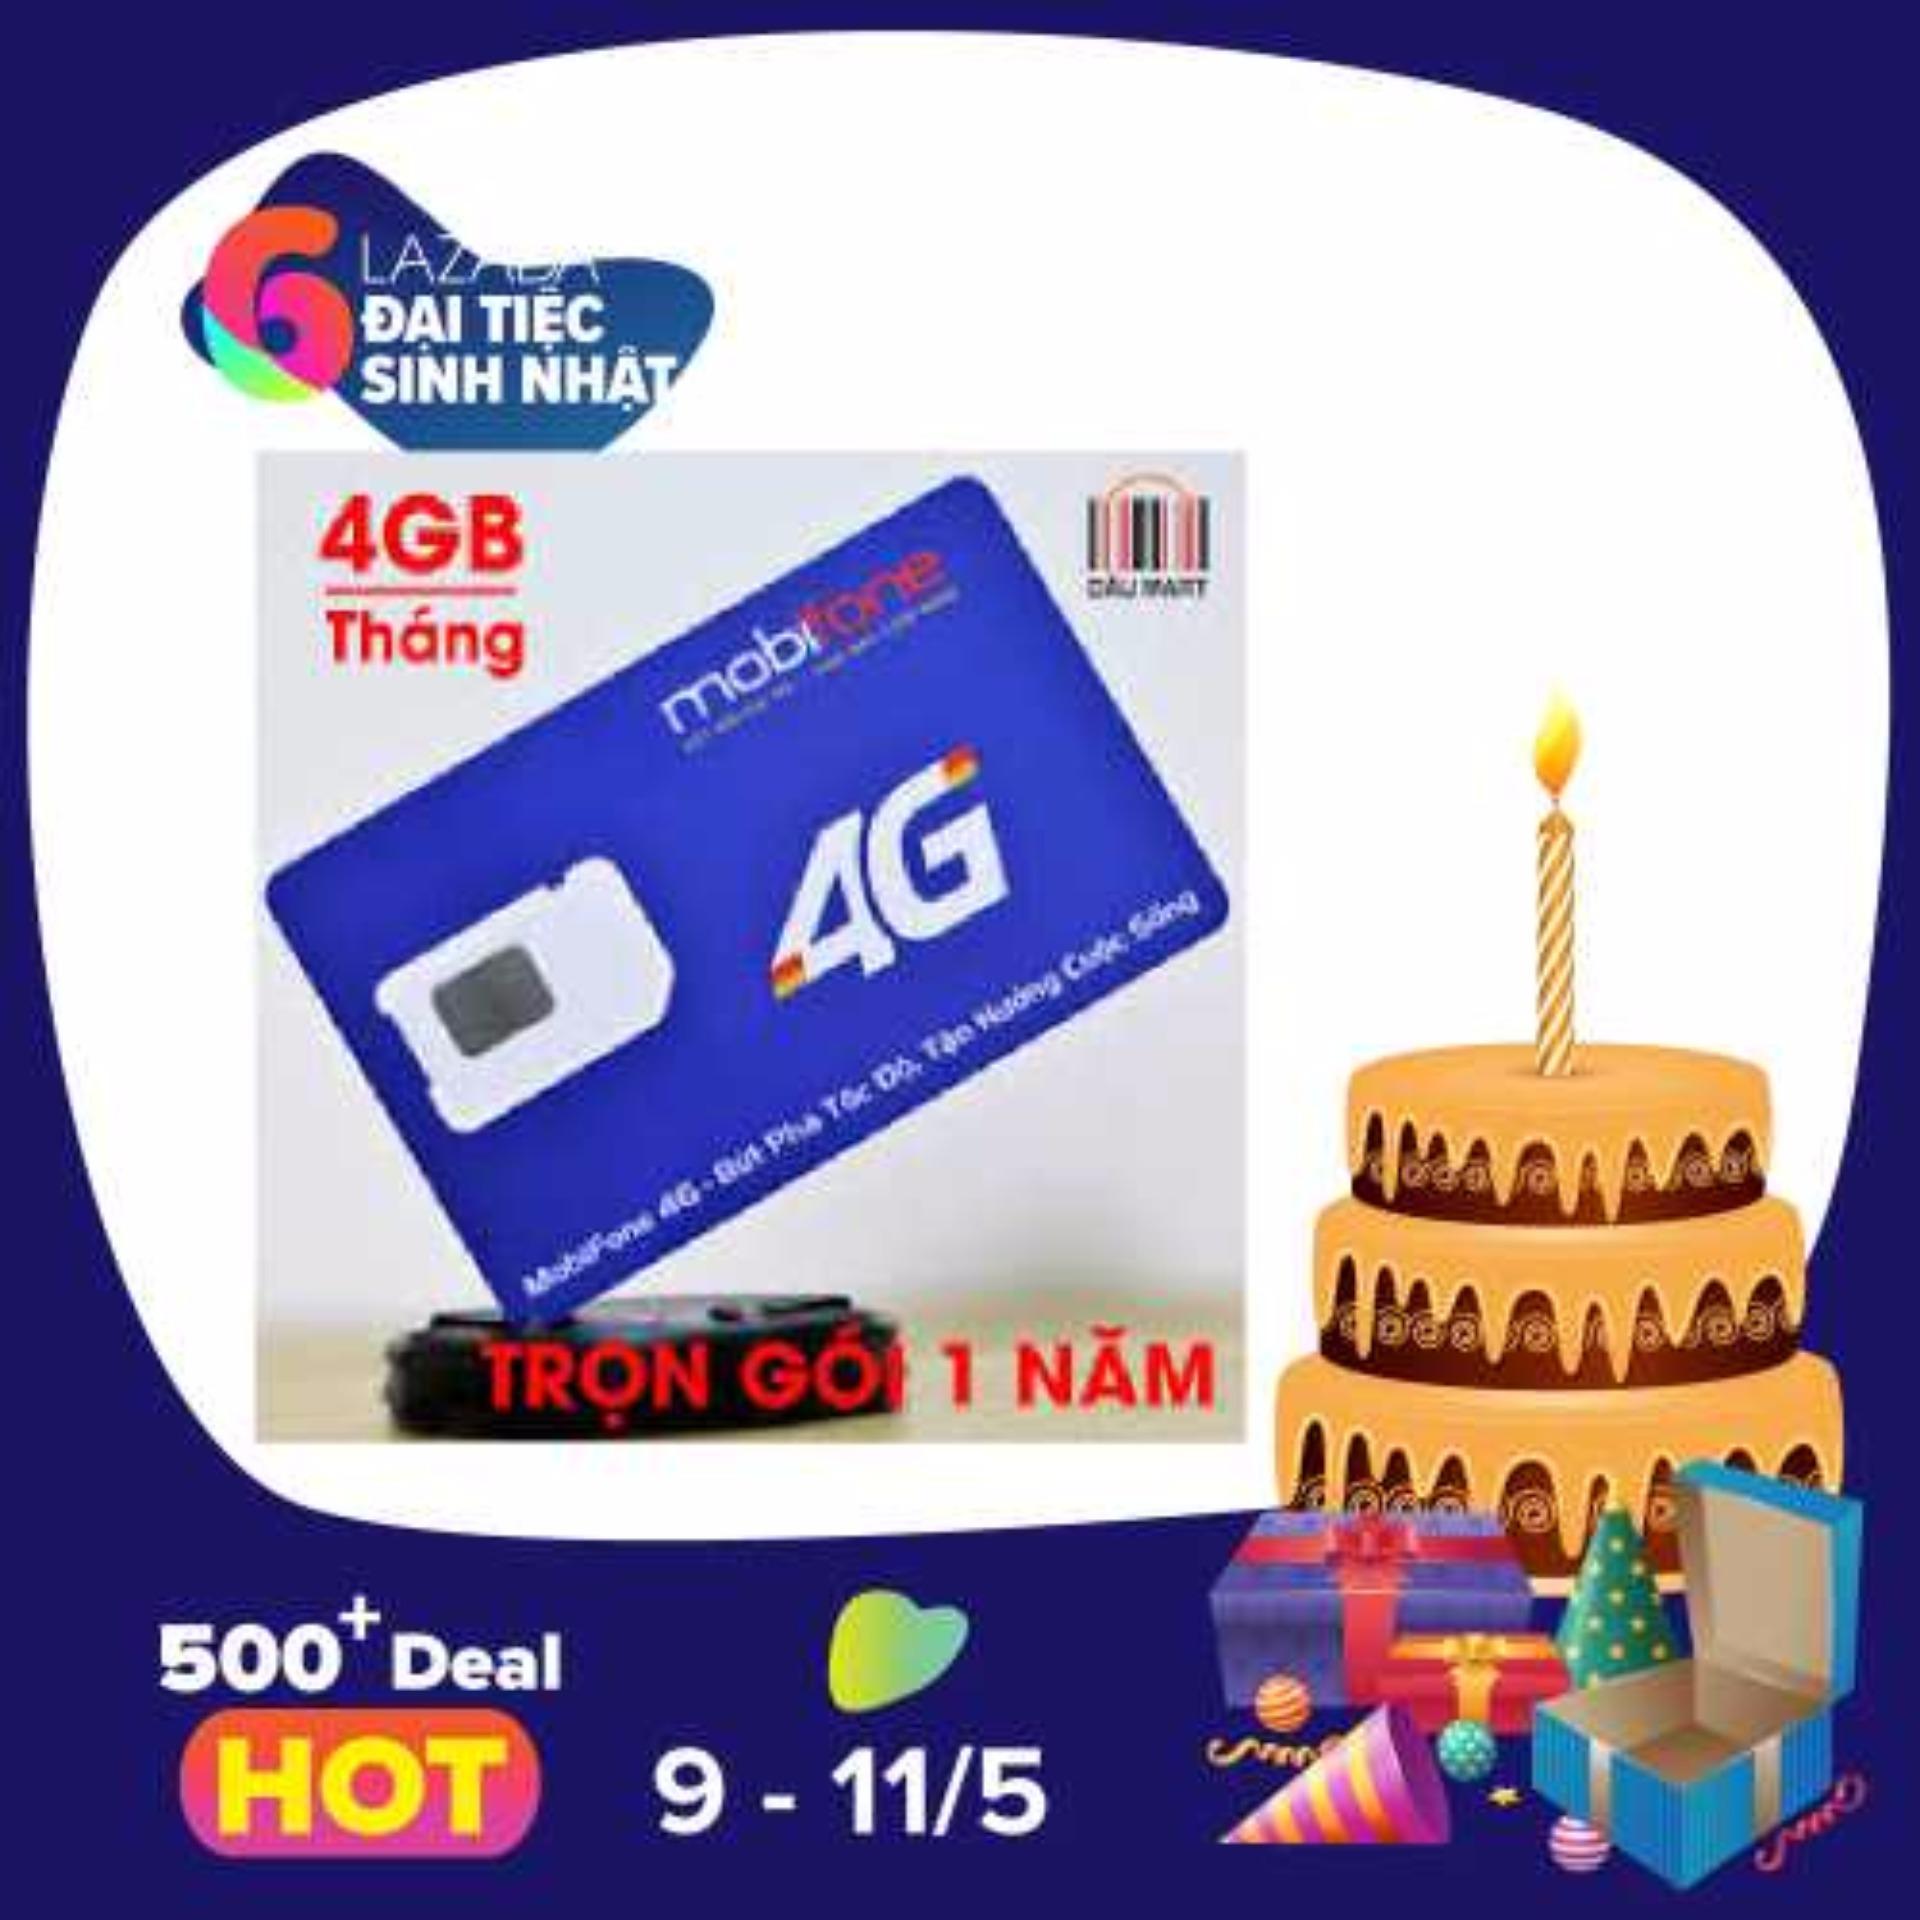 Sim 3G 4G Mobifone Mdt250A Trọn Goi 4Gb Thang Bình Dương Chiết Khấu 50